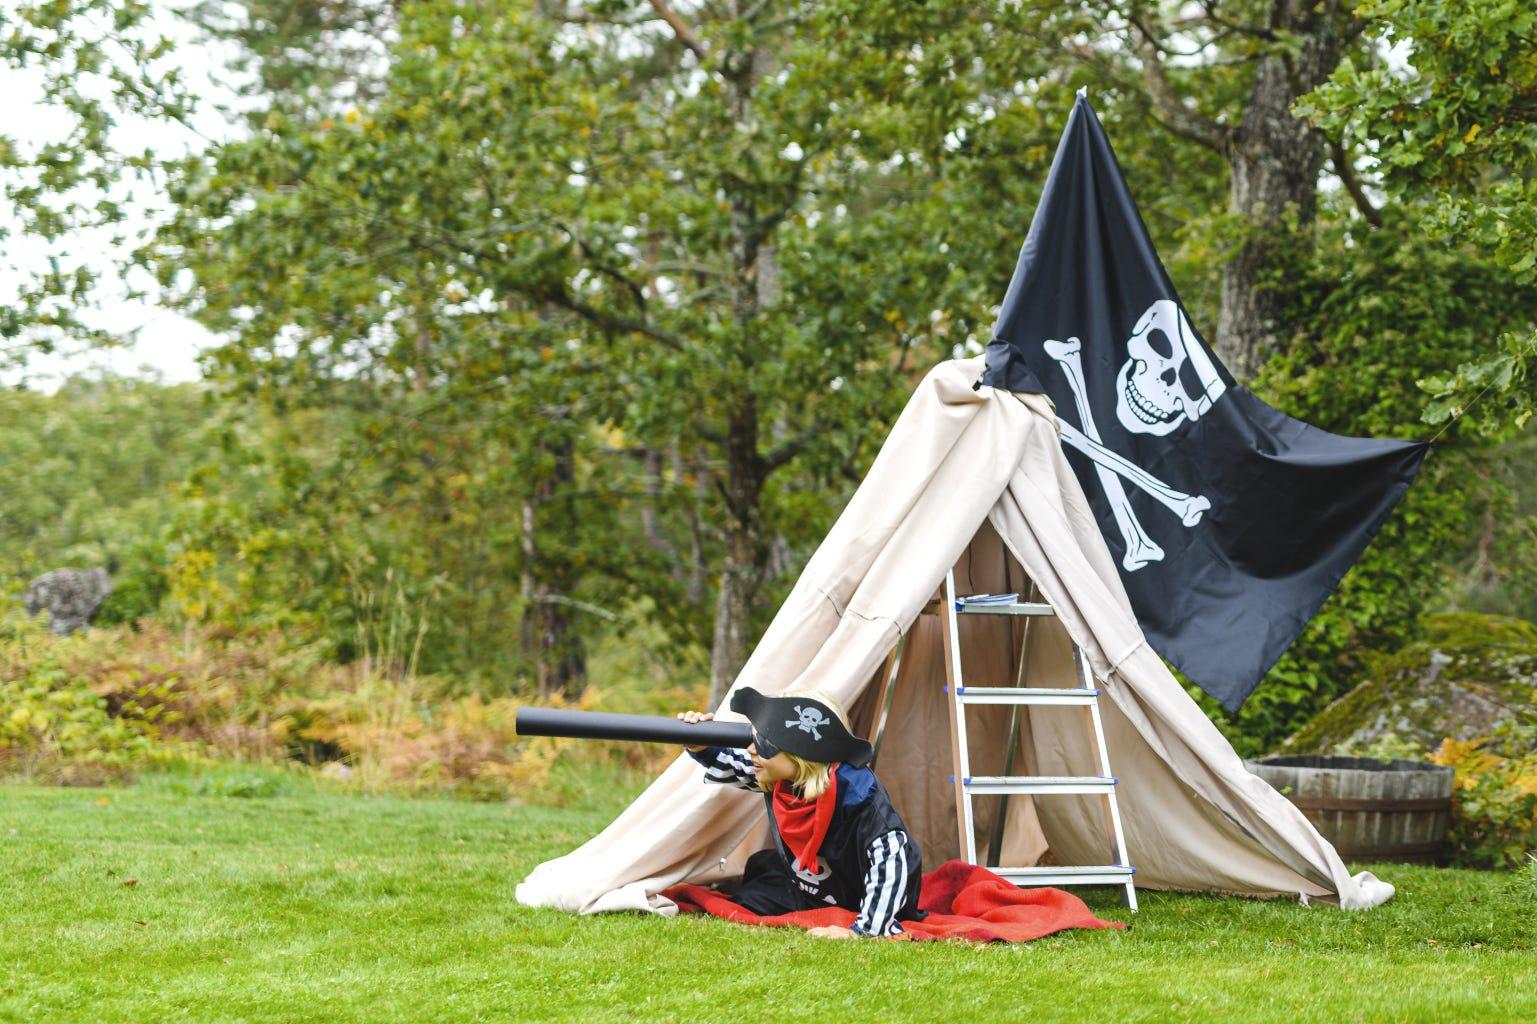 Jongen spelen in de tuin piraten met ladder en vlag met doodshoofd